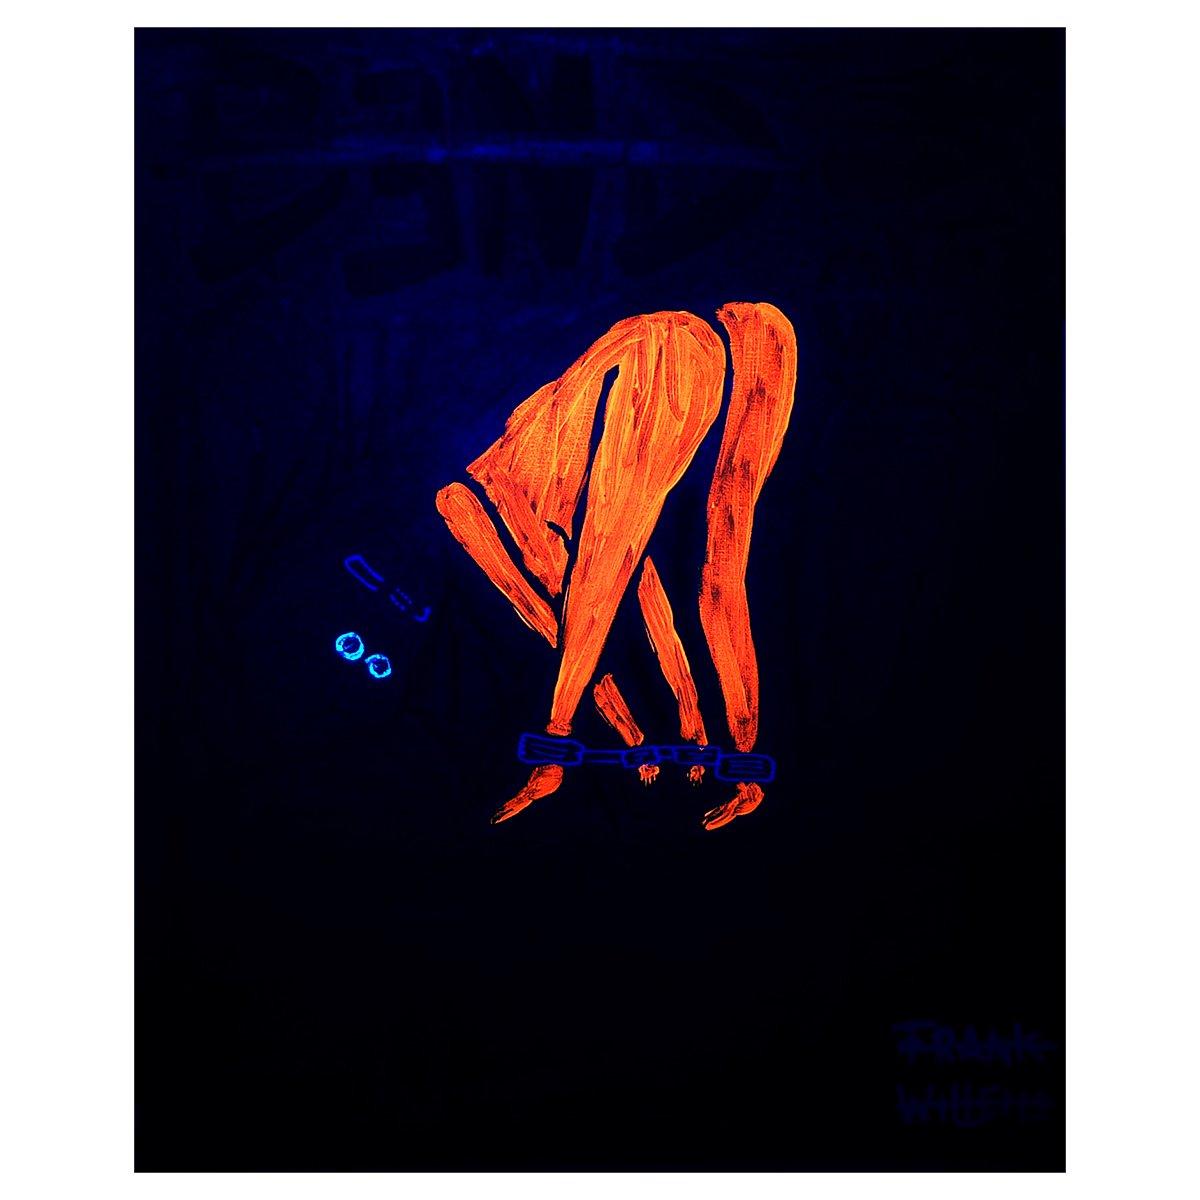 BDSM BEND OVER (donker) - Frank Willems